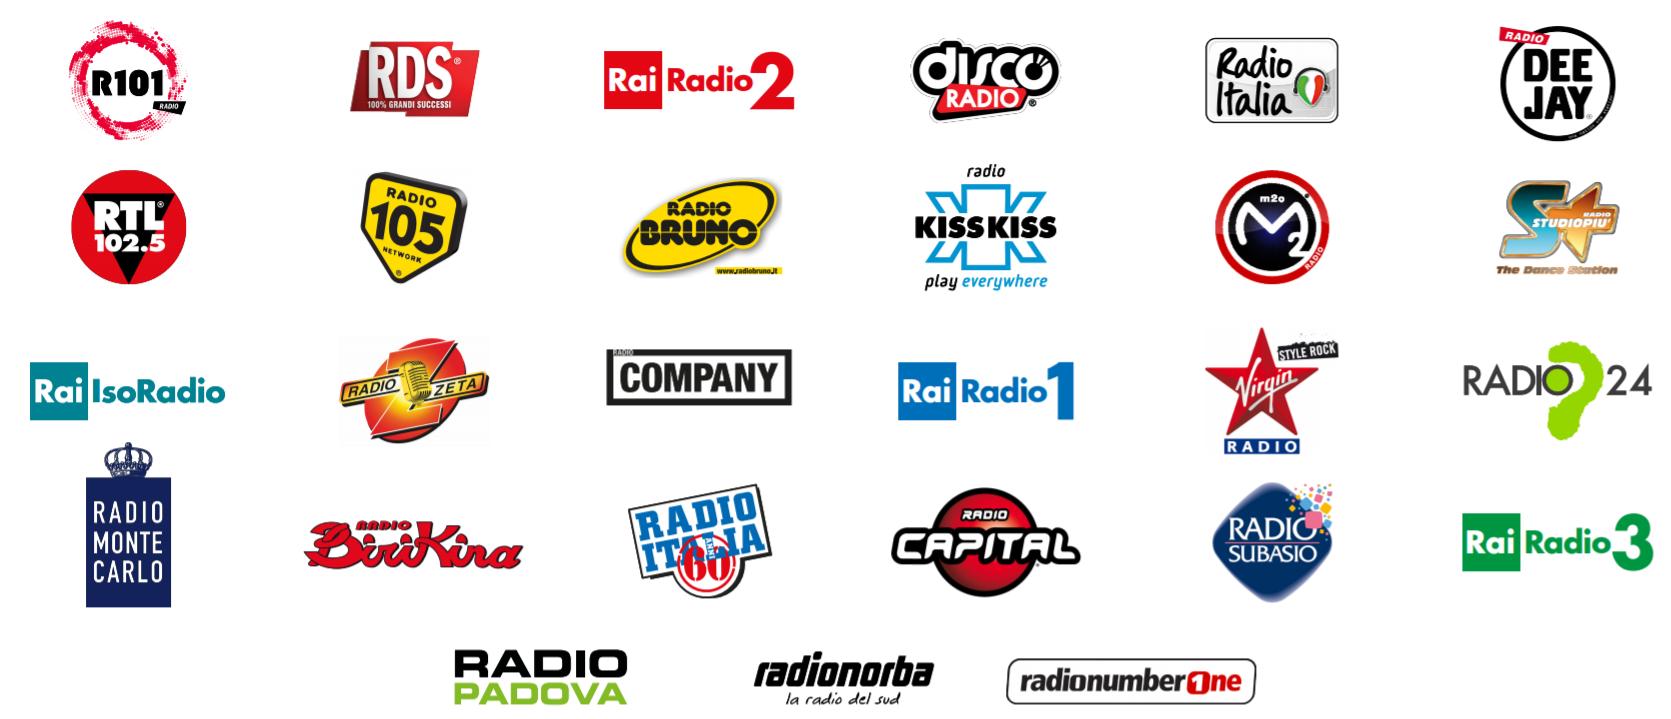 TER elenco loghi radio iscritte - Radio. Indagine ascolto TER, Dagospia: dati bloccati per insoddisfazione diffusa